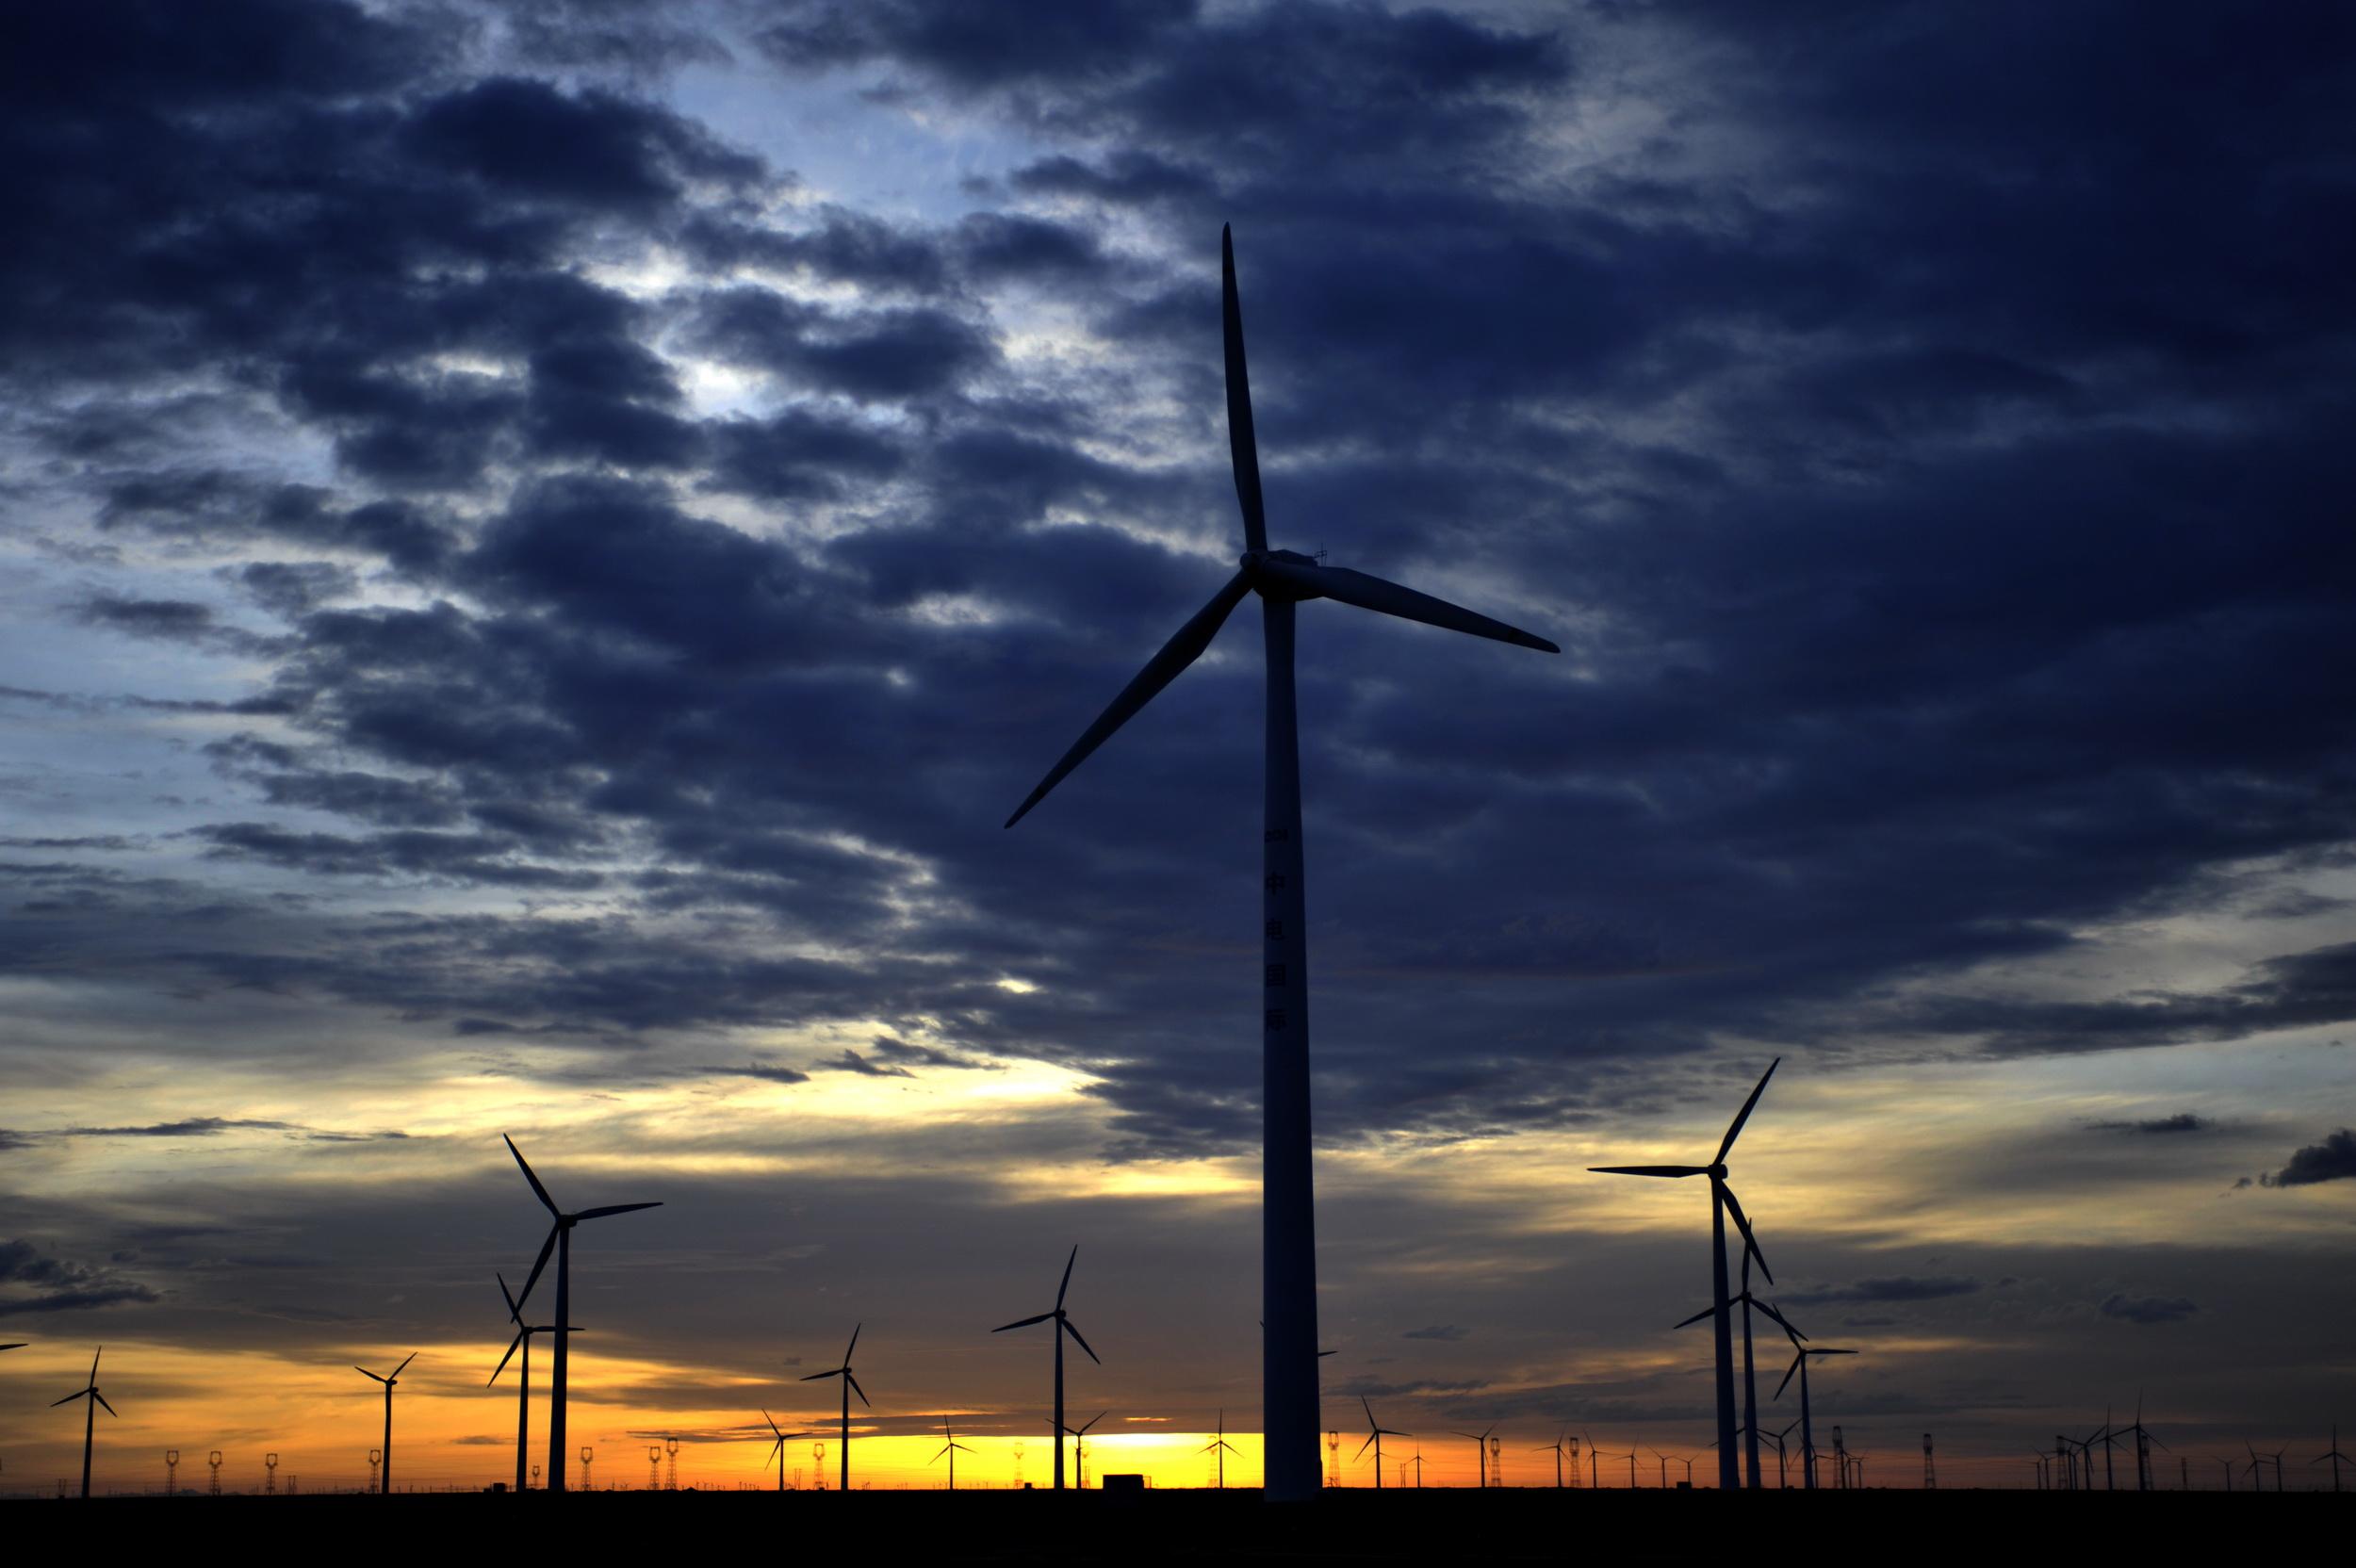 新华社照片,酒泉(甘肃),2015年6月3日   酒泉湖南800千伏特高压直流输电工程开工建设   这是6月3日拍摄的的瓜州中电国际风电场。   当日,酒泉湖南800千伏特高压直流输电工程开始建设,这条线路全长2383公里,途经甘肃、陕西、重庆、湖北、湖南5省(市),每年可新增送电约400亿千瓦时。   新华社记者 连振祥 摄